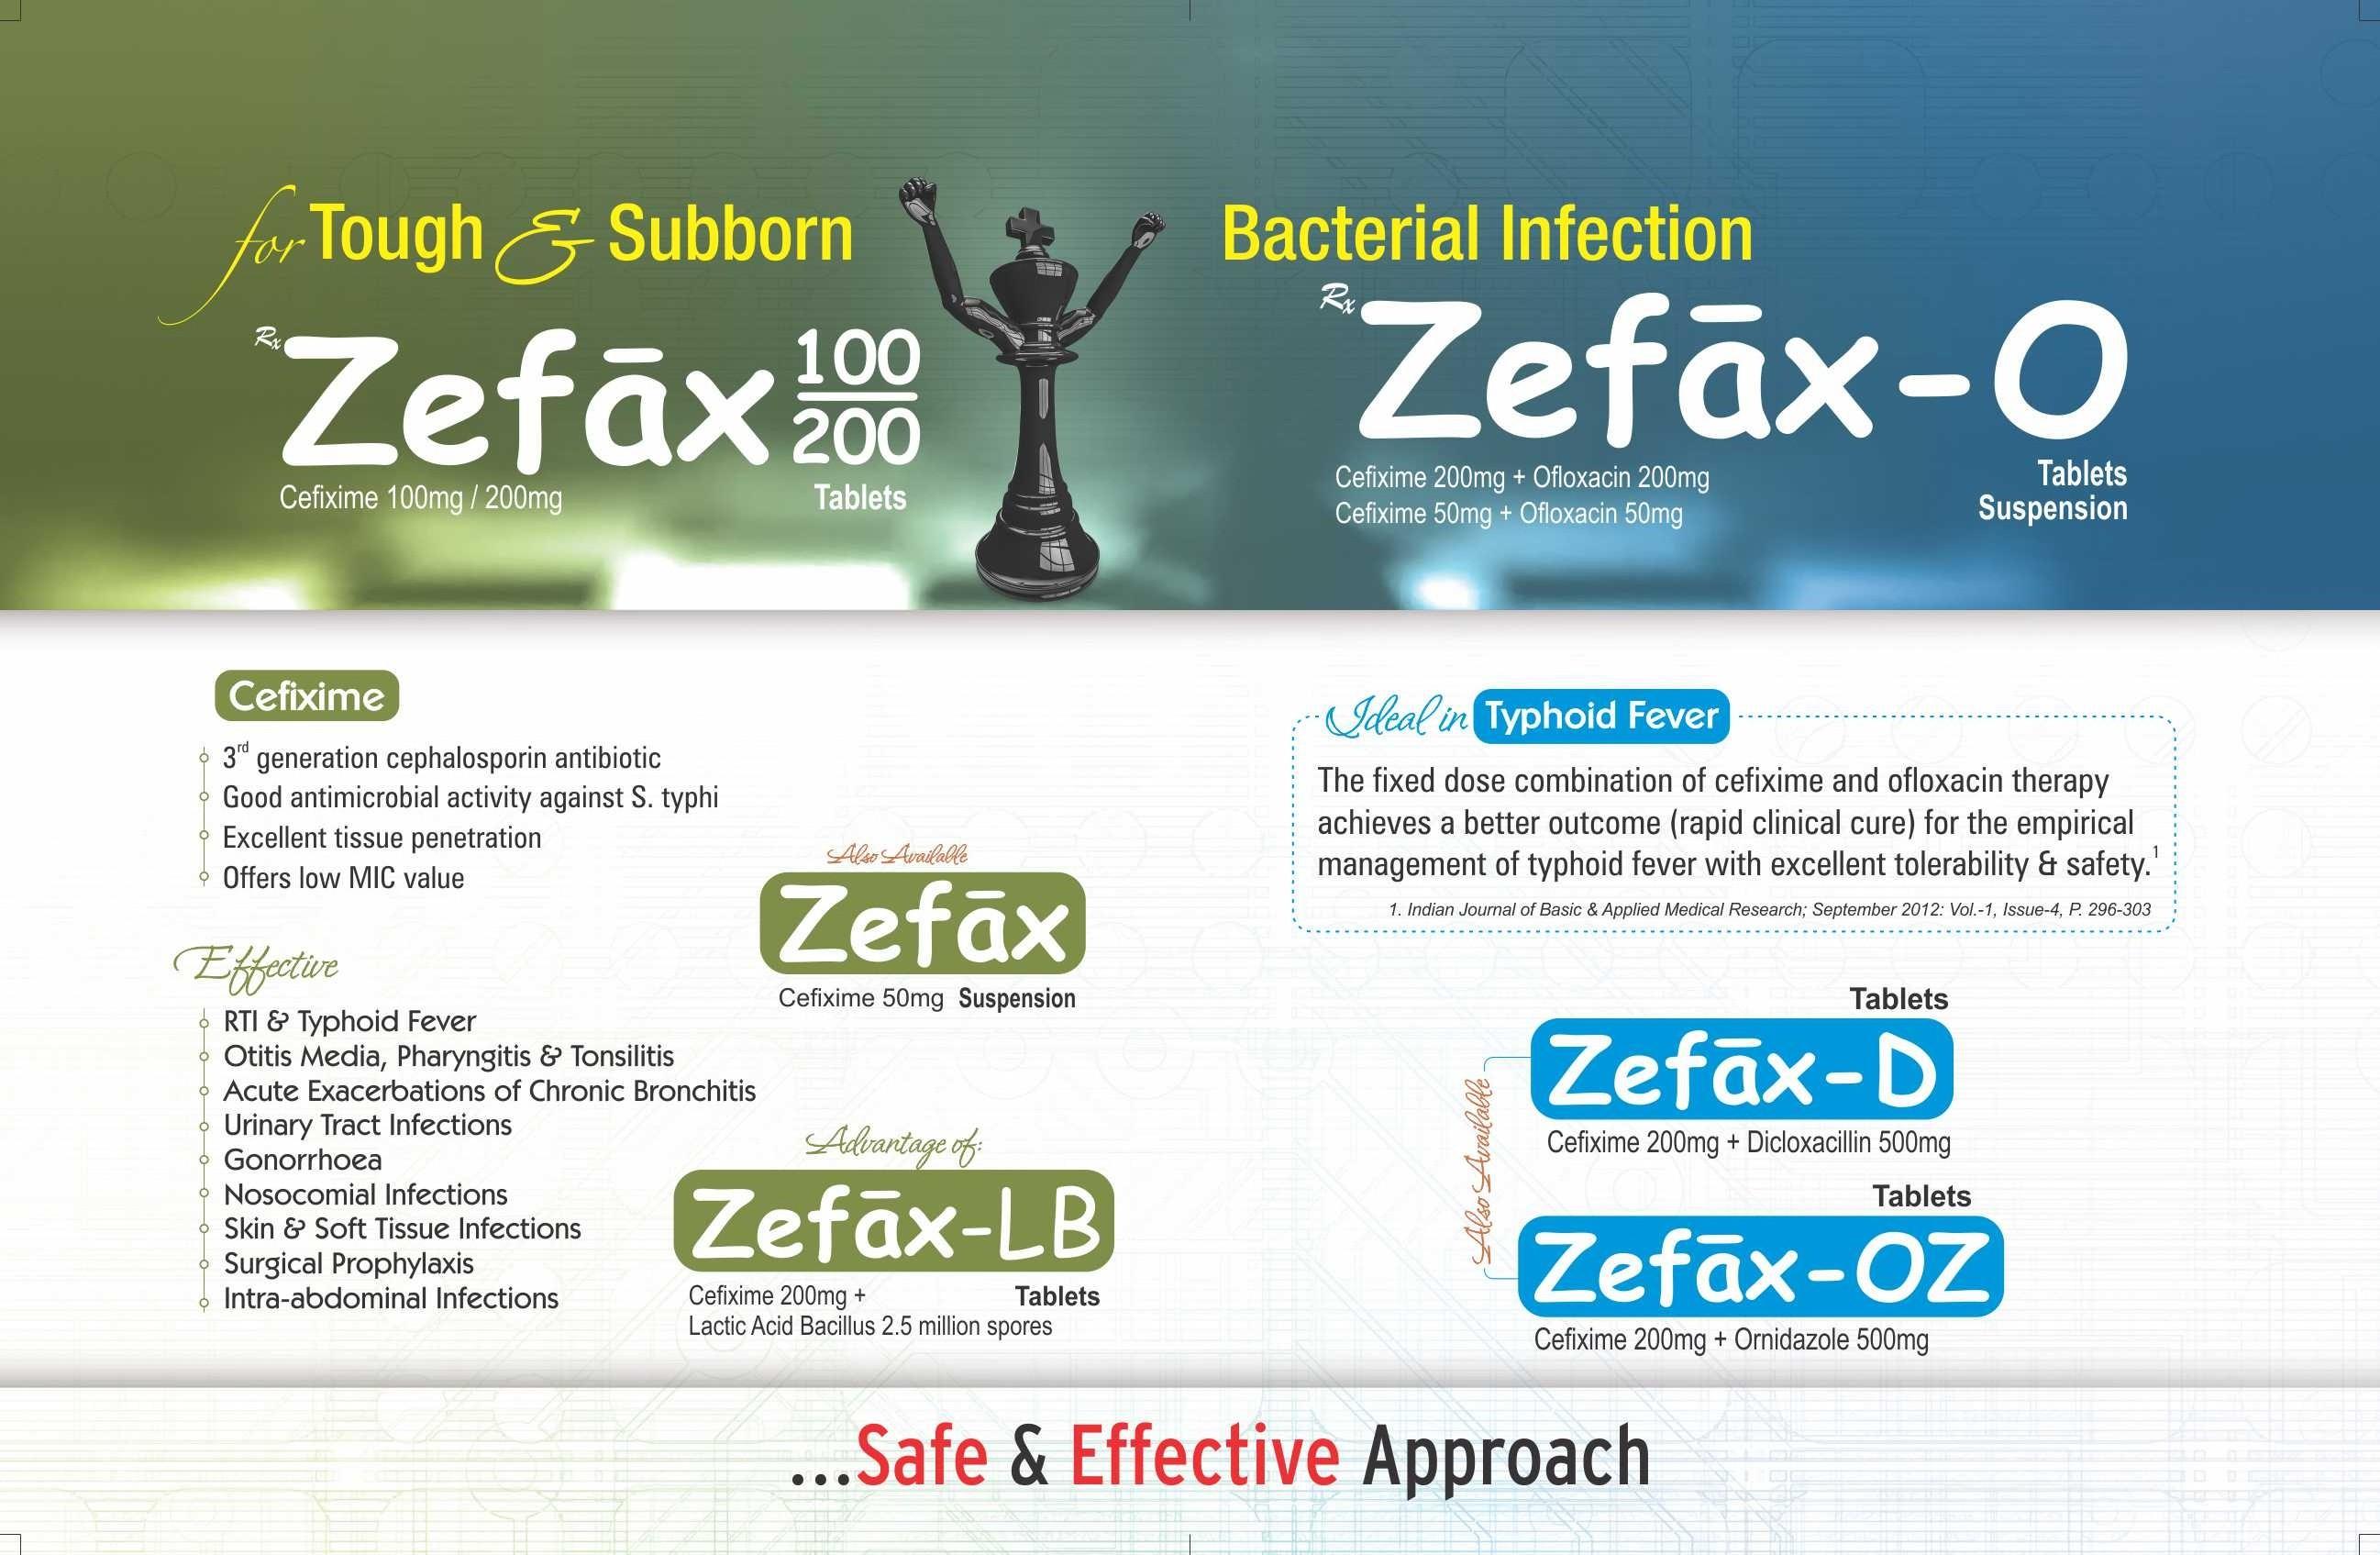 Zefax